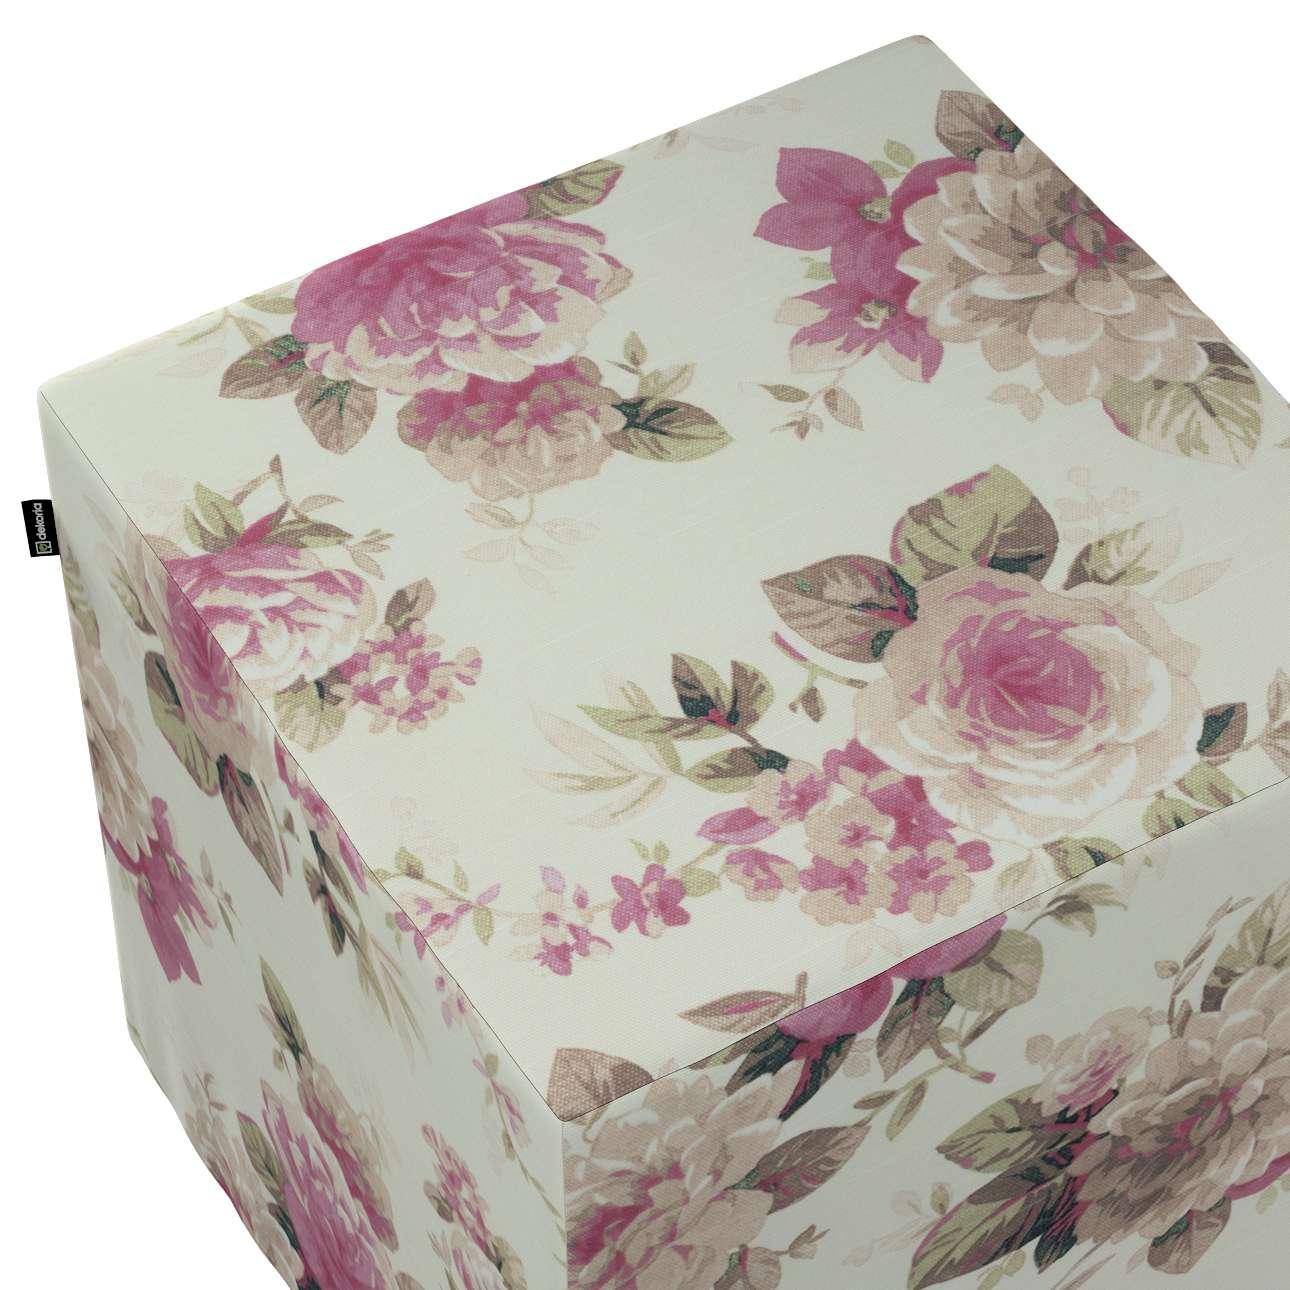 Pokrowiec na pufę kostkę w kolekcji Mirella, tkanina: 141-07